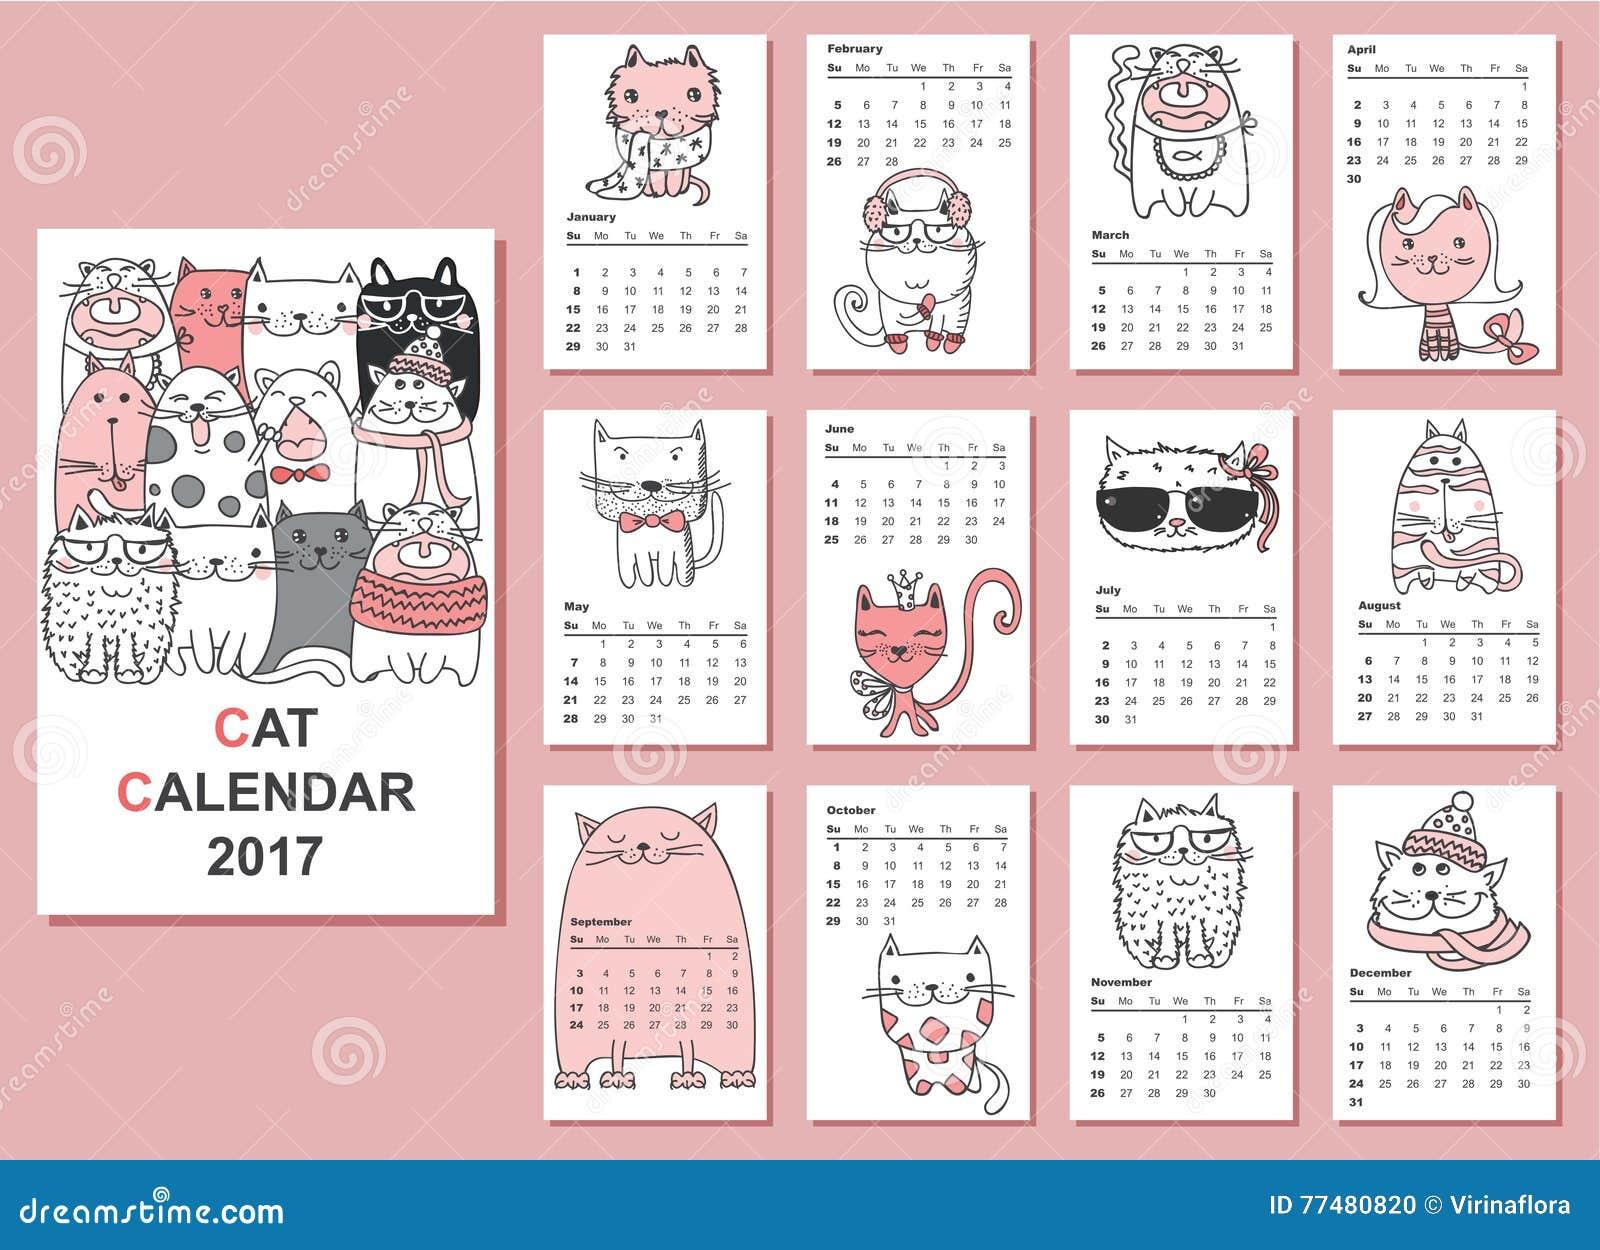 Лунный календарь для посадки огурцов 2016 год